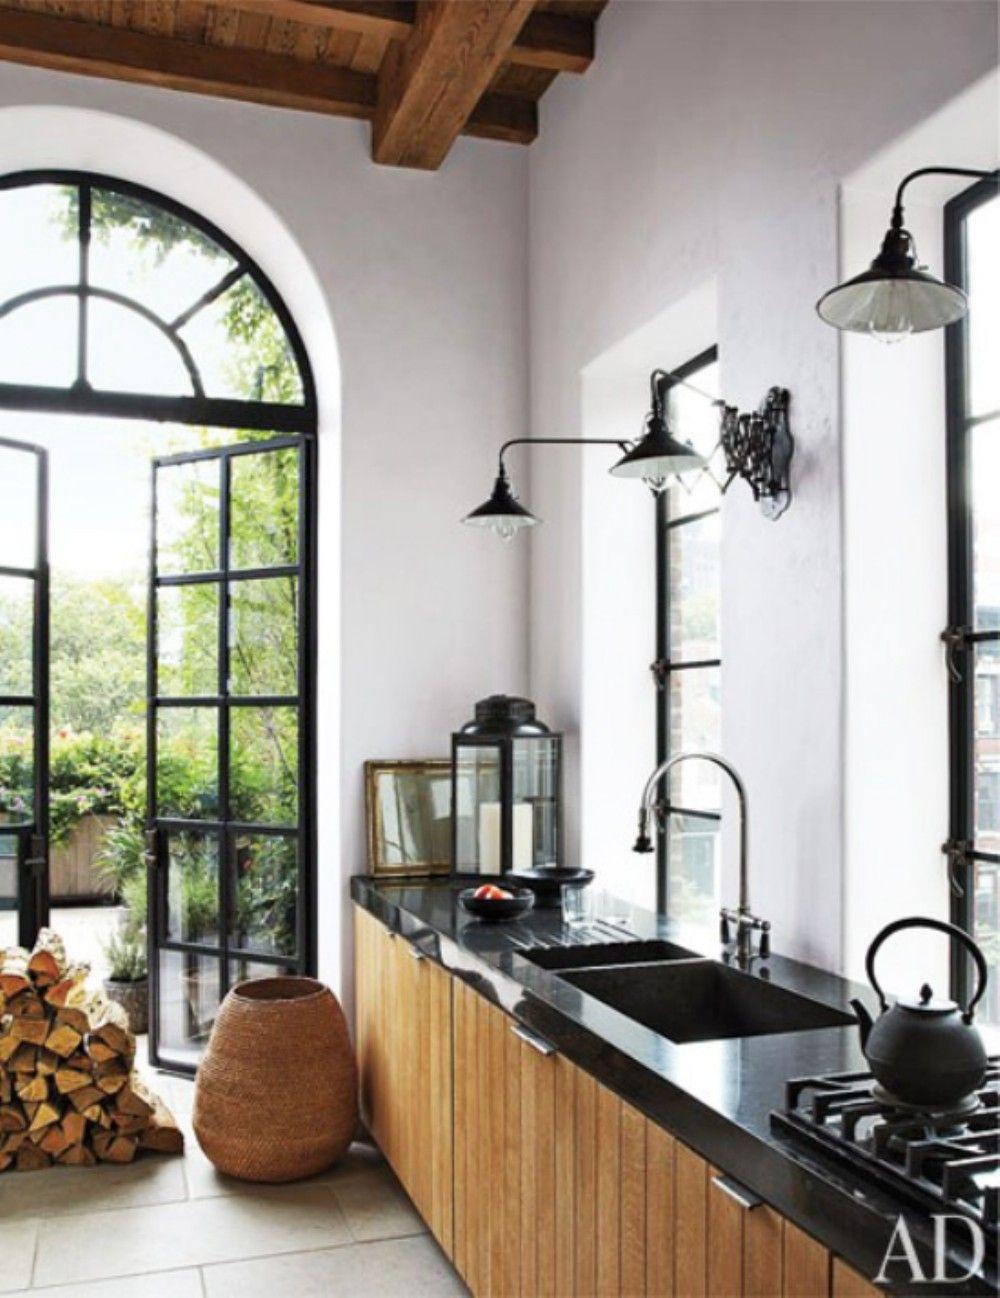 34 Cool Spanish Modern Master Kitchen Interior Design  Spanish Pleasing Masters Kitchen Design Inspiration